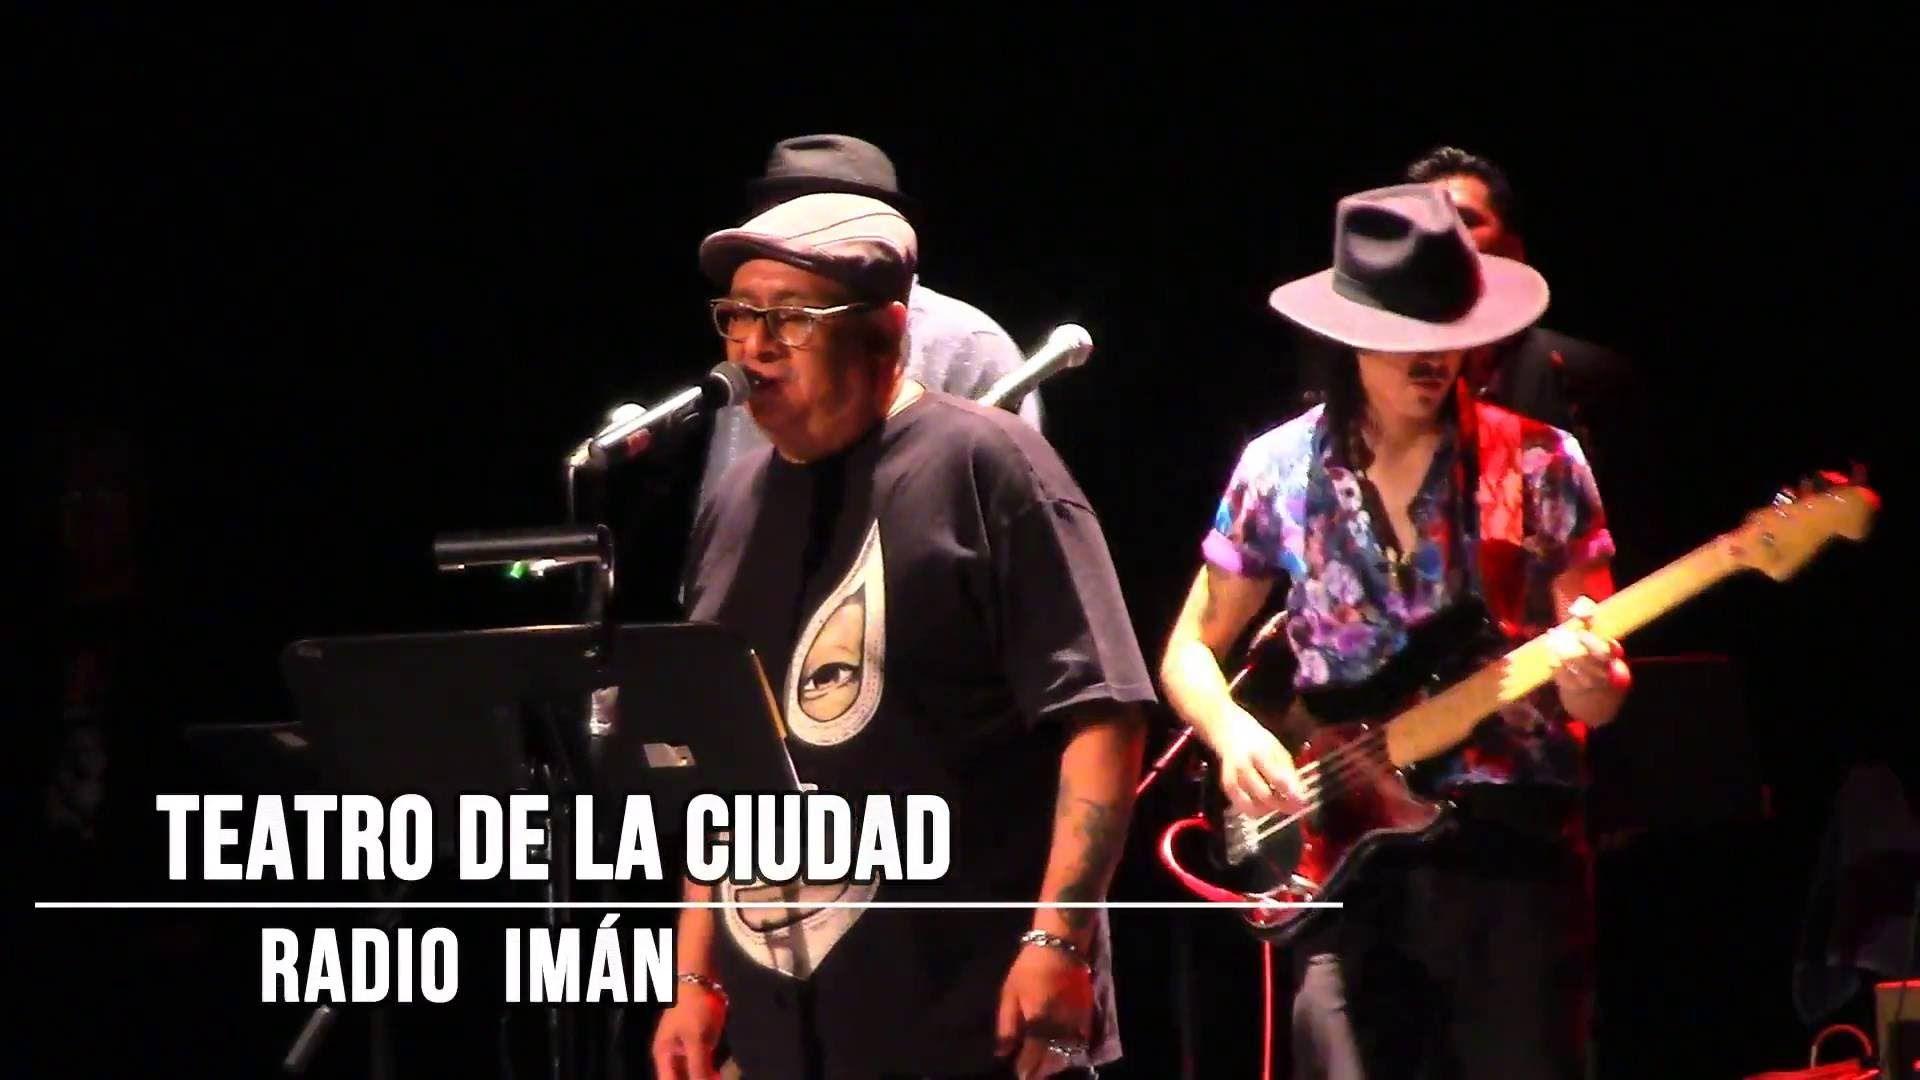 Flaca Don't go home, Armando Palomas, Teatro de la Ciudad.